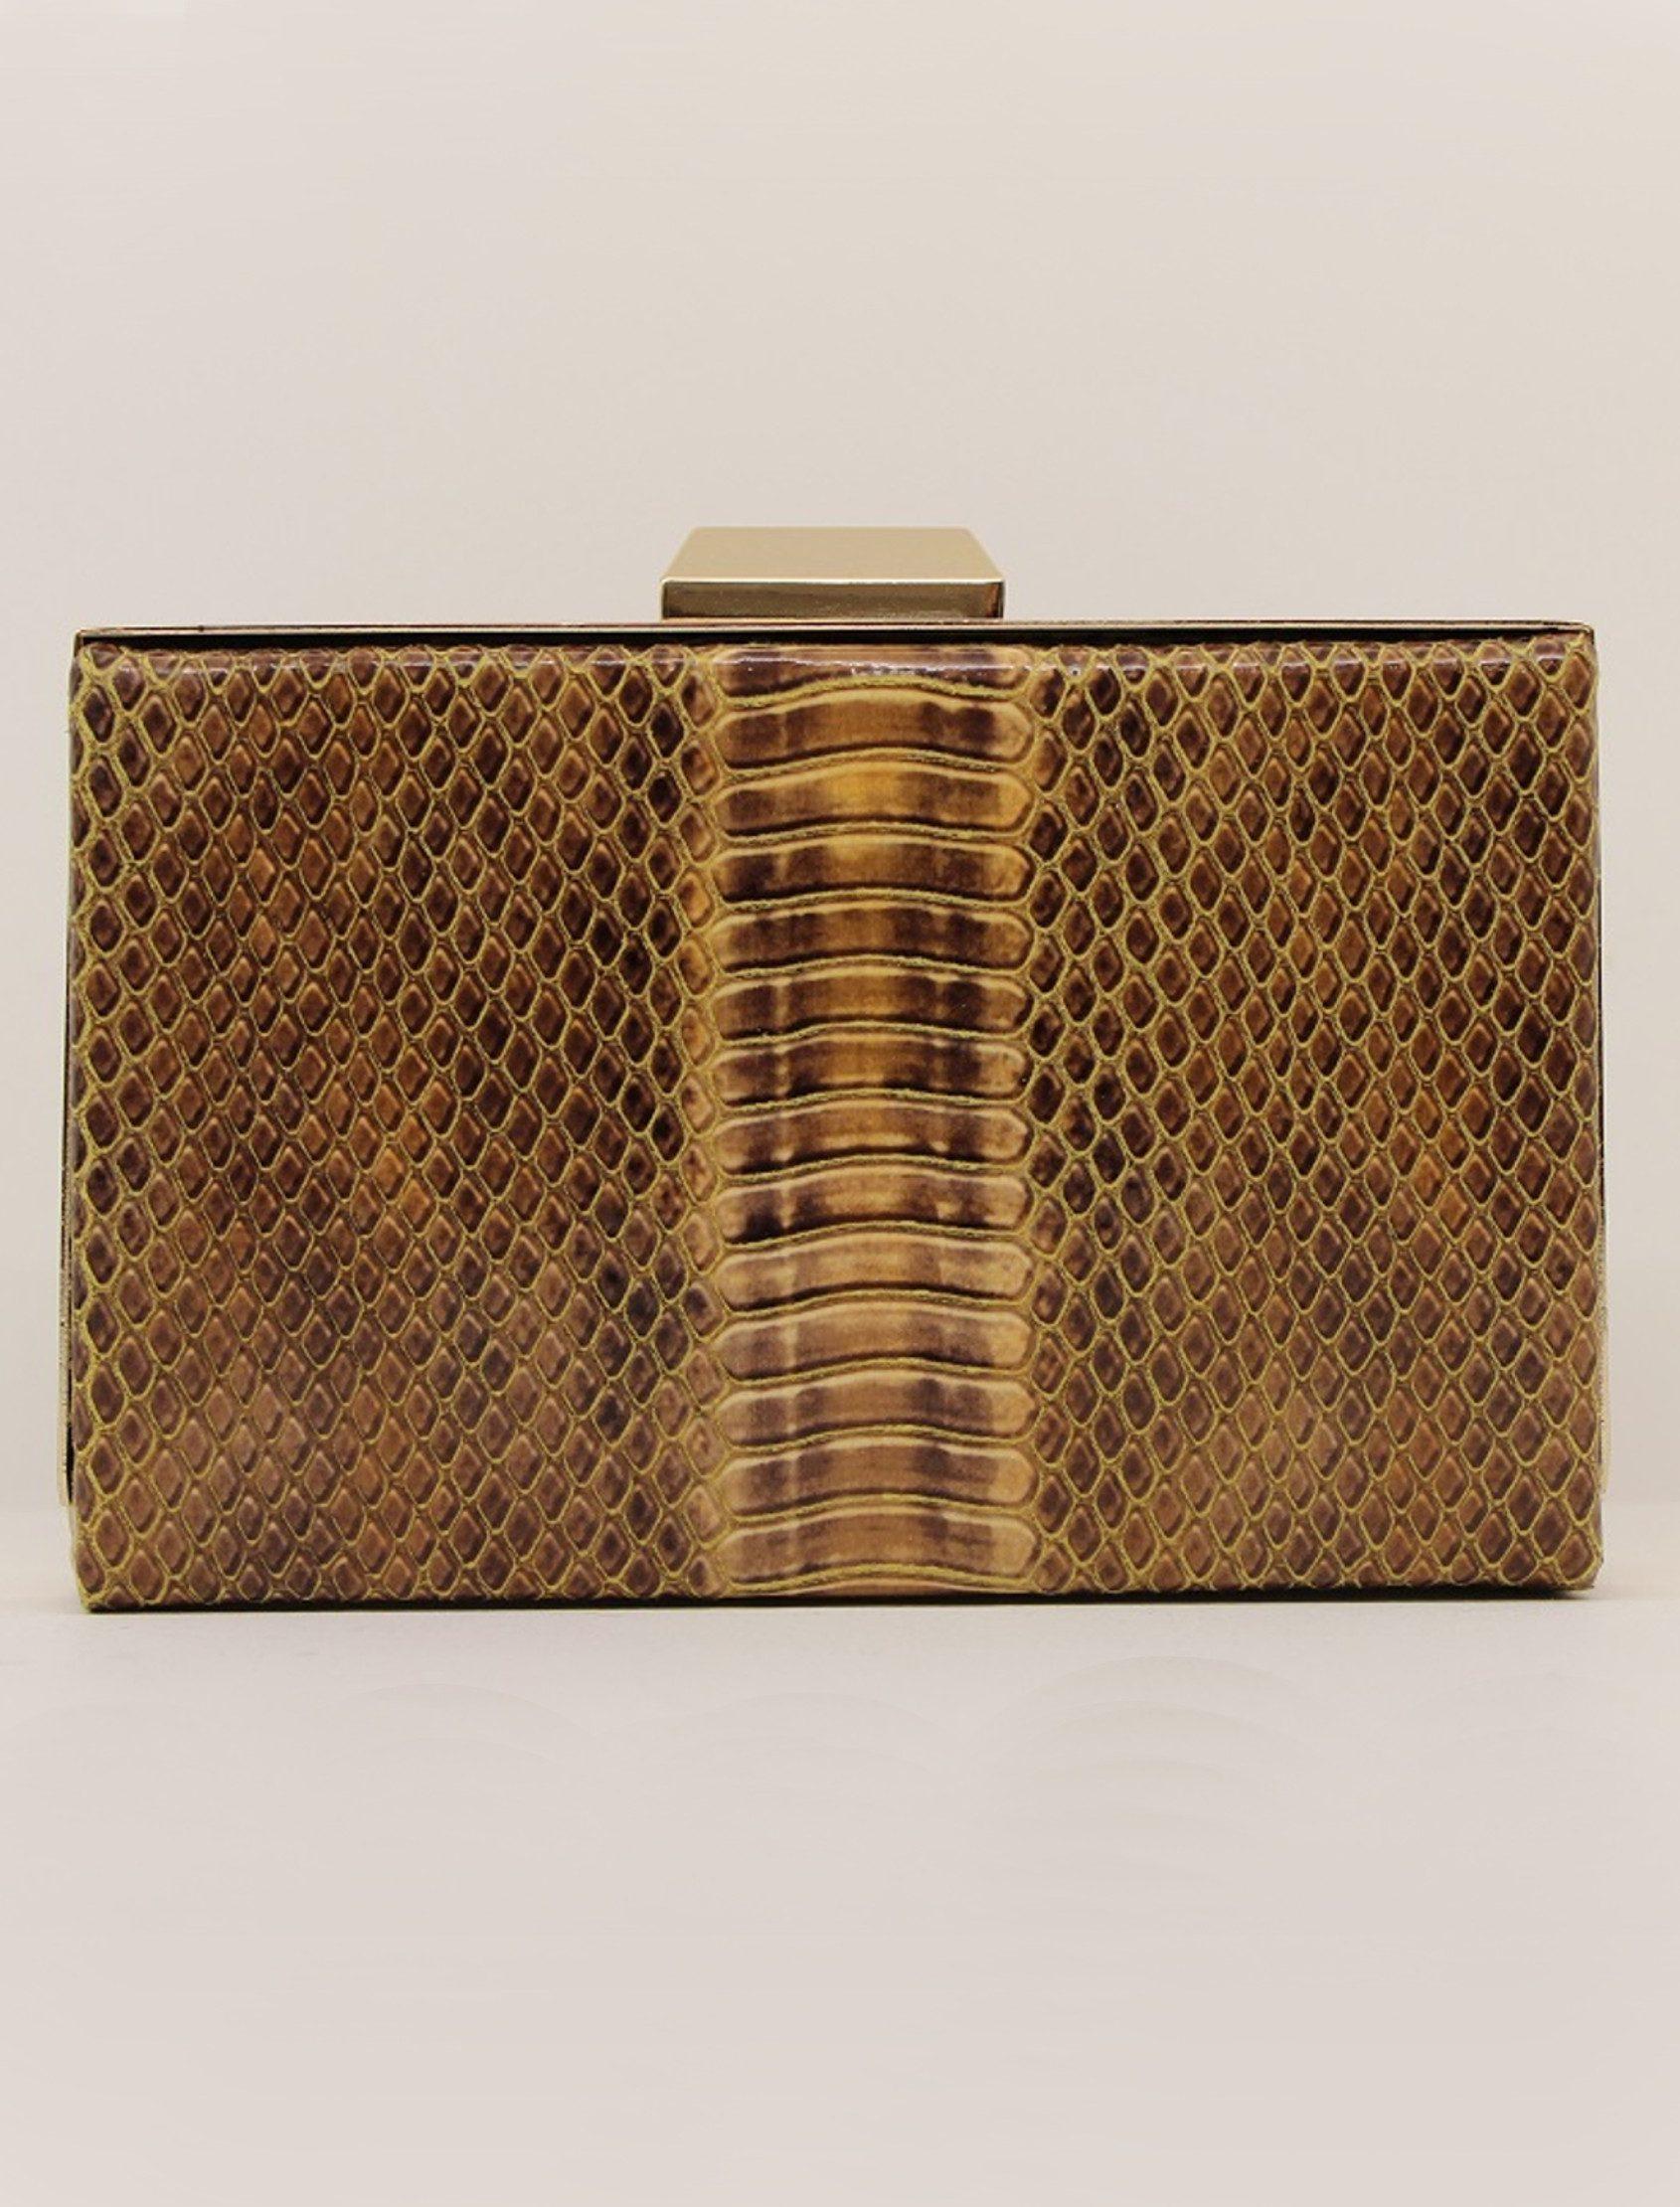 Clutch cuadrado de marco metálico. De efecto grabado con relieve y print de serpiente. Colorido entre marrones y ocres.